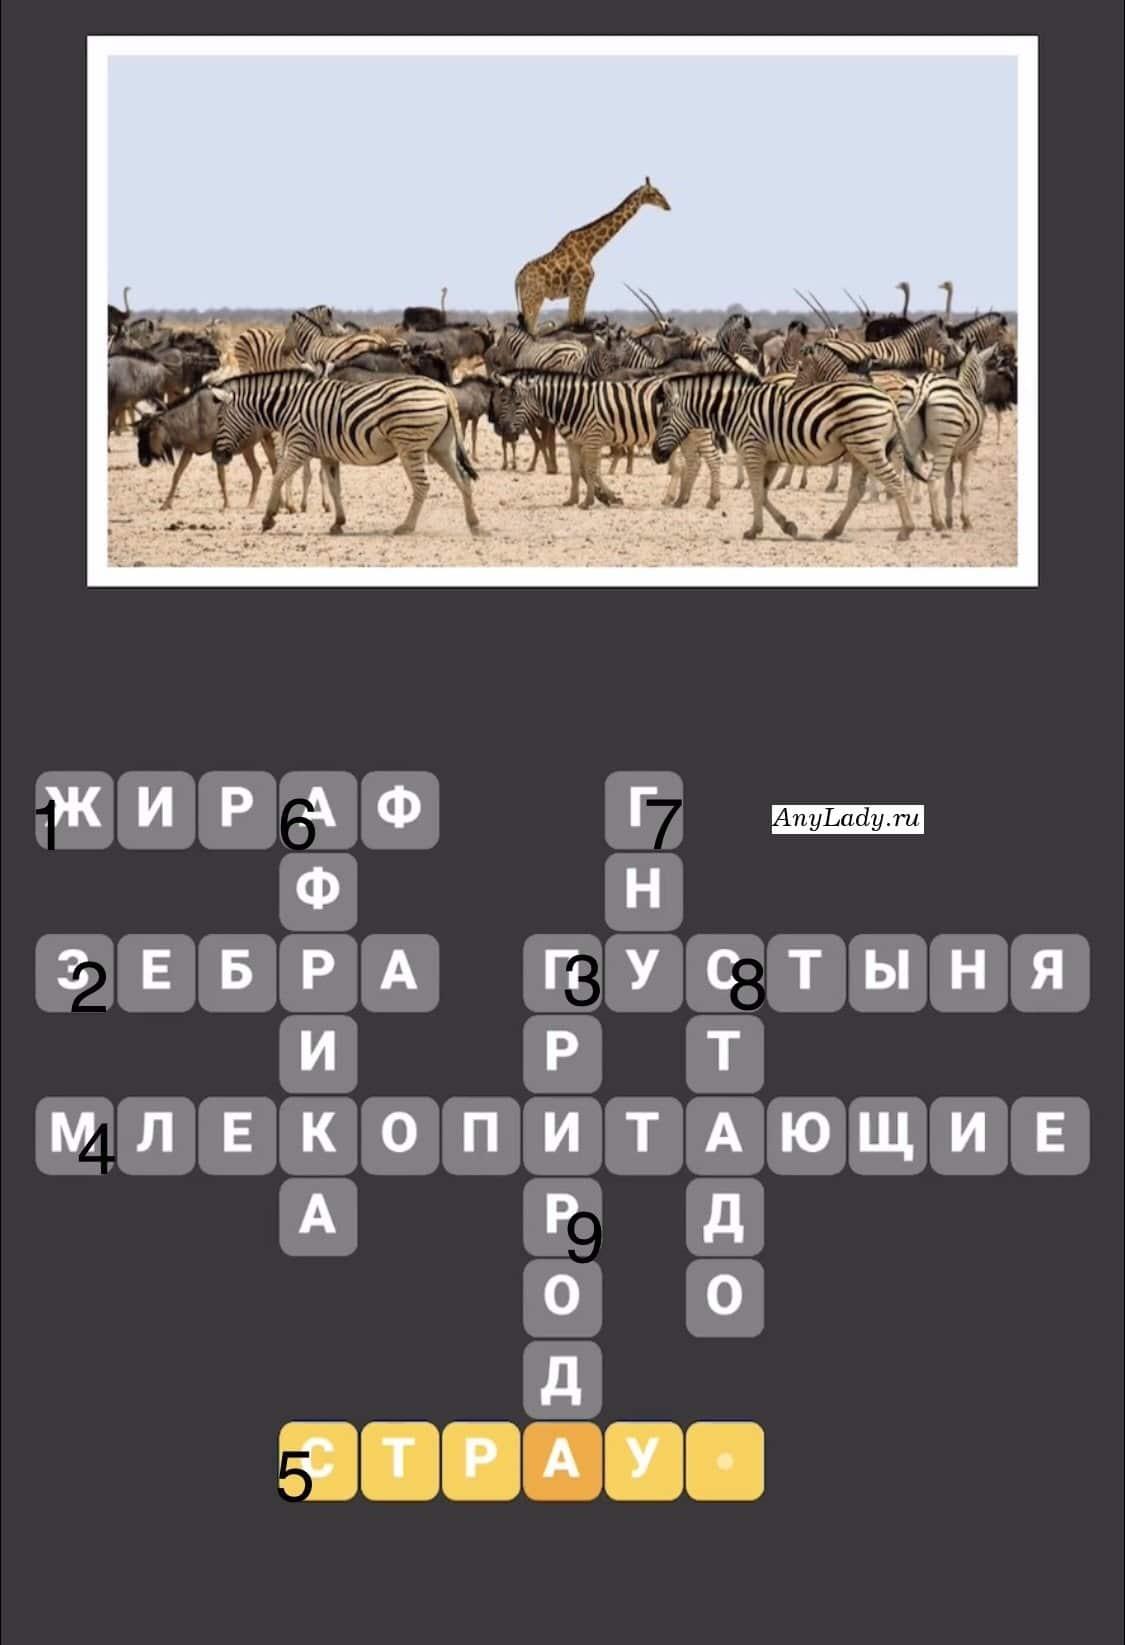 По горизонтали:  1. Жираф  2. Зебра  3. Пустыня  4. Млекопитающие  5. Страус По вертикали:  6. Африка  7. Гну  8. Стадо  9. Природа